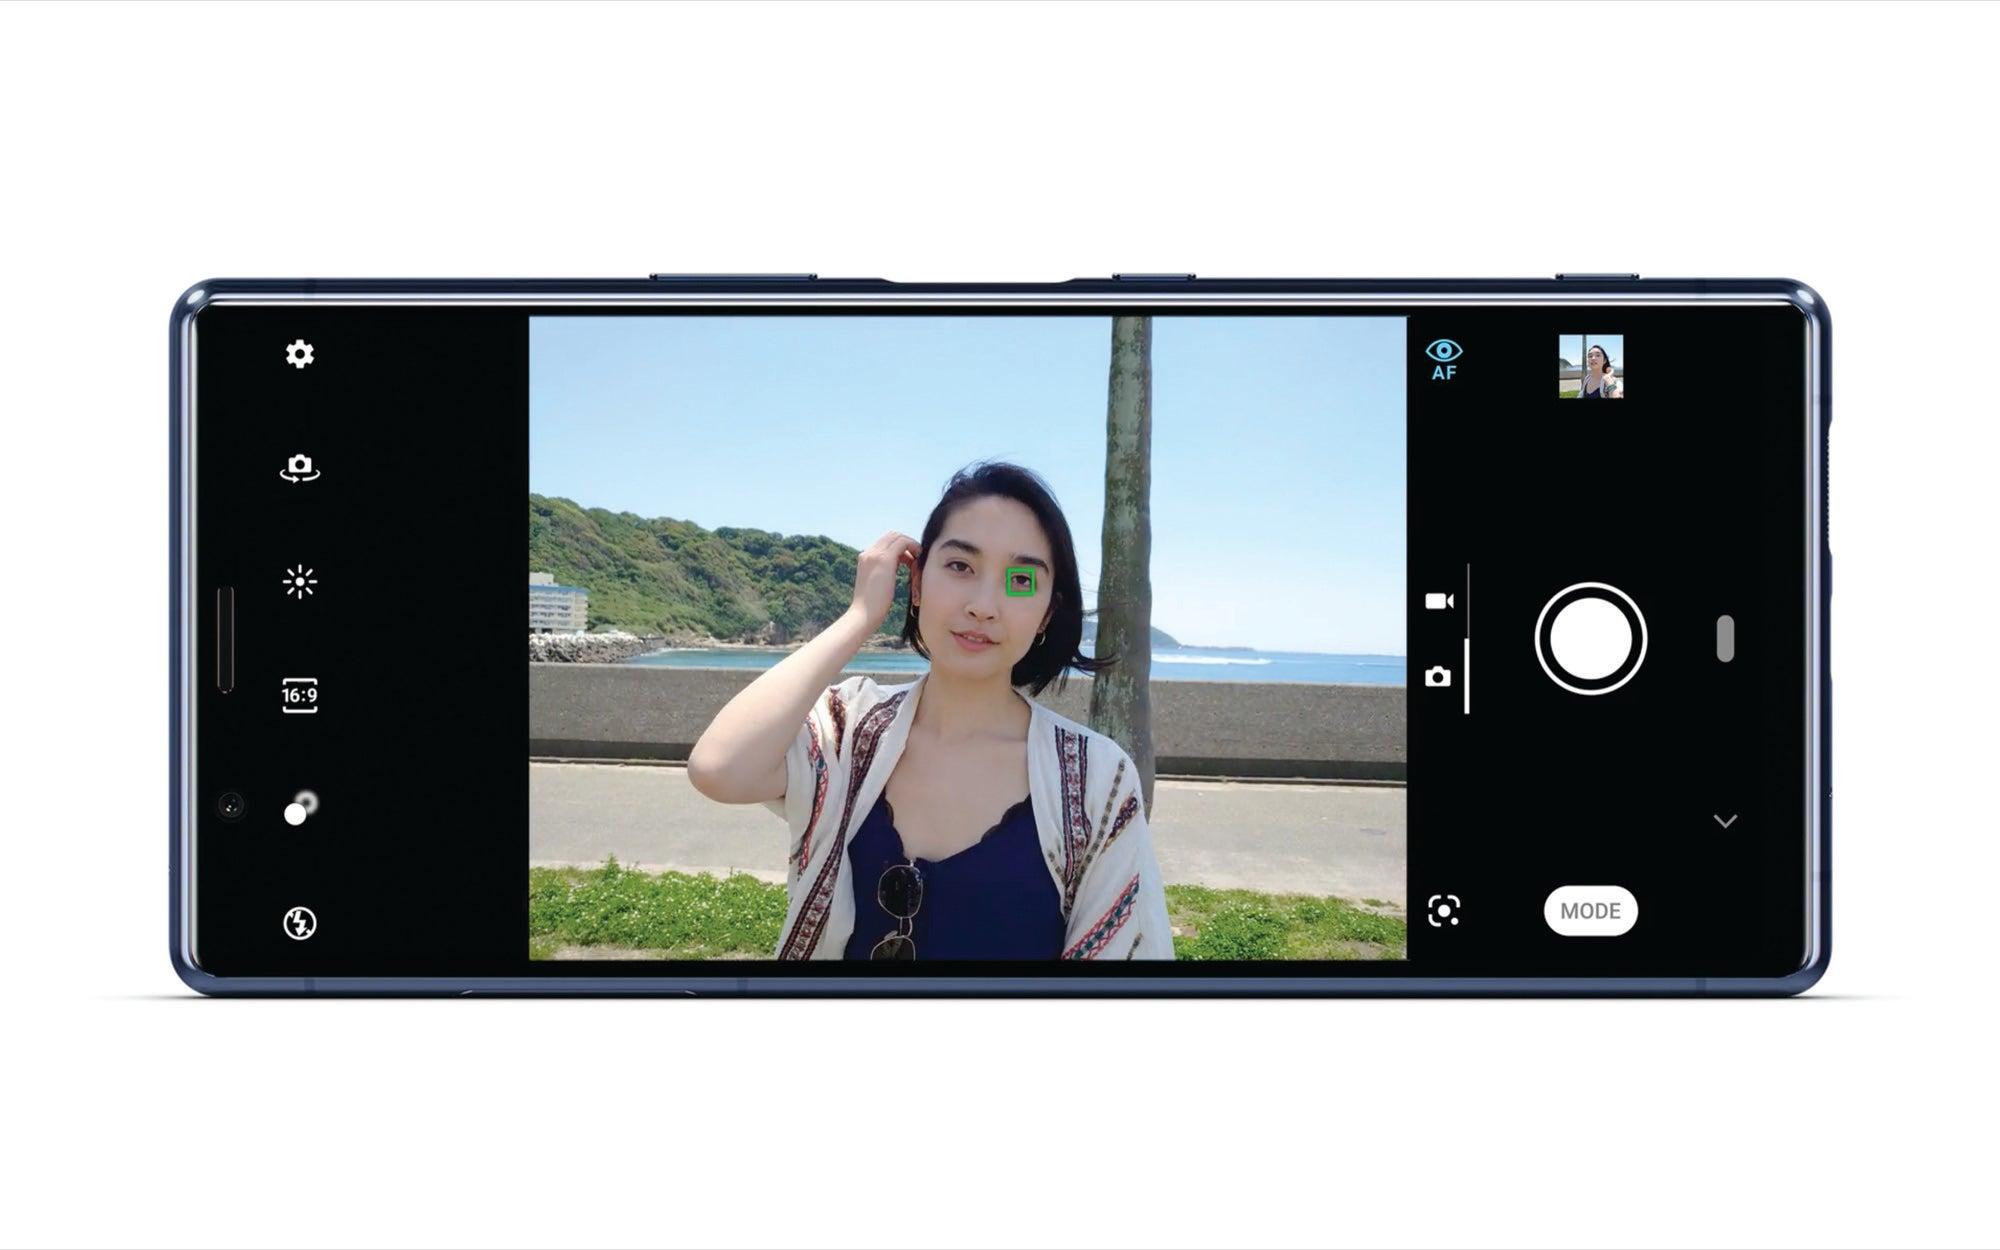 Sony Xperia 5 porta le funzionalità della fotocamera dalla potente Sony Alpha Line a uno smartphone